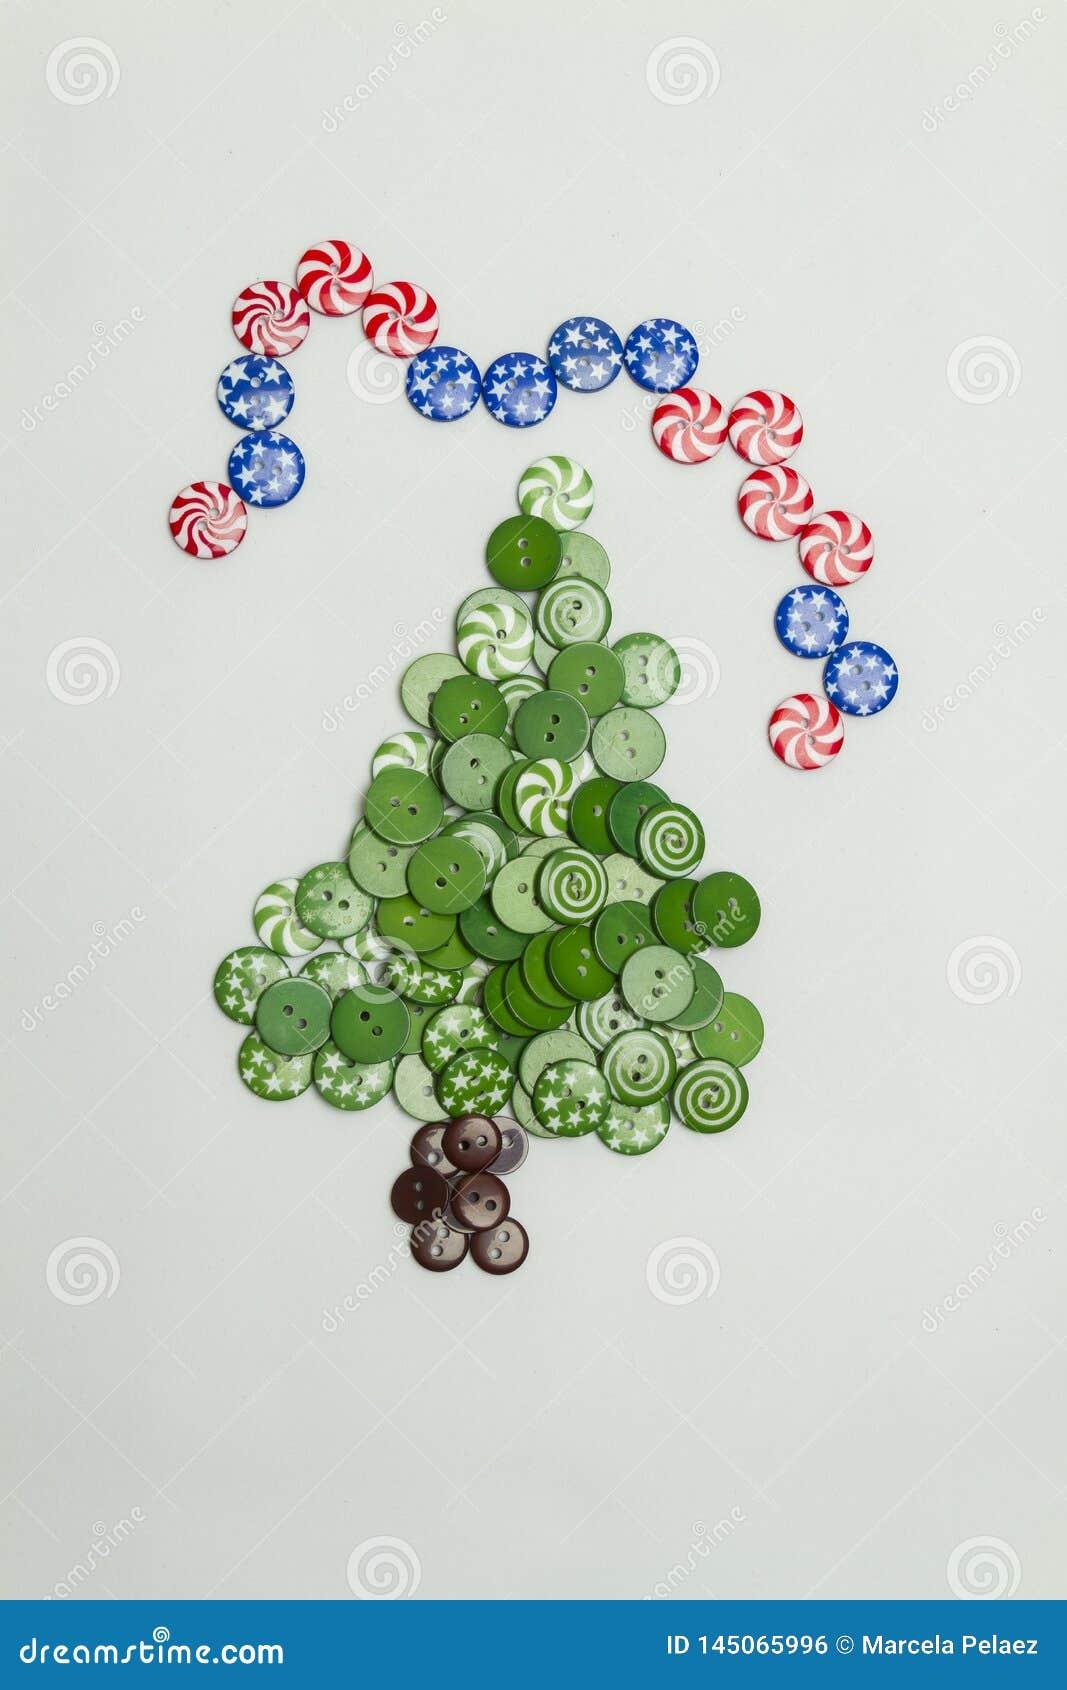 Weihnachtsbaum gemacht mit bunten Knöpfen und amerikanischer Flagge auf weißem Hintergrund